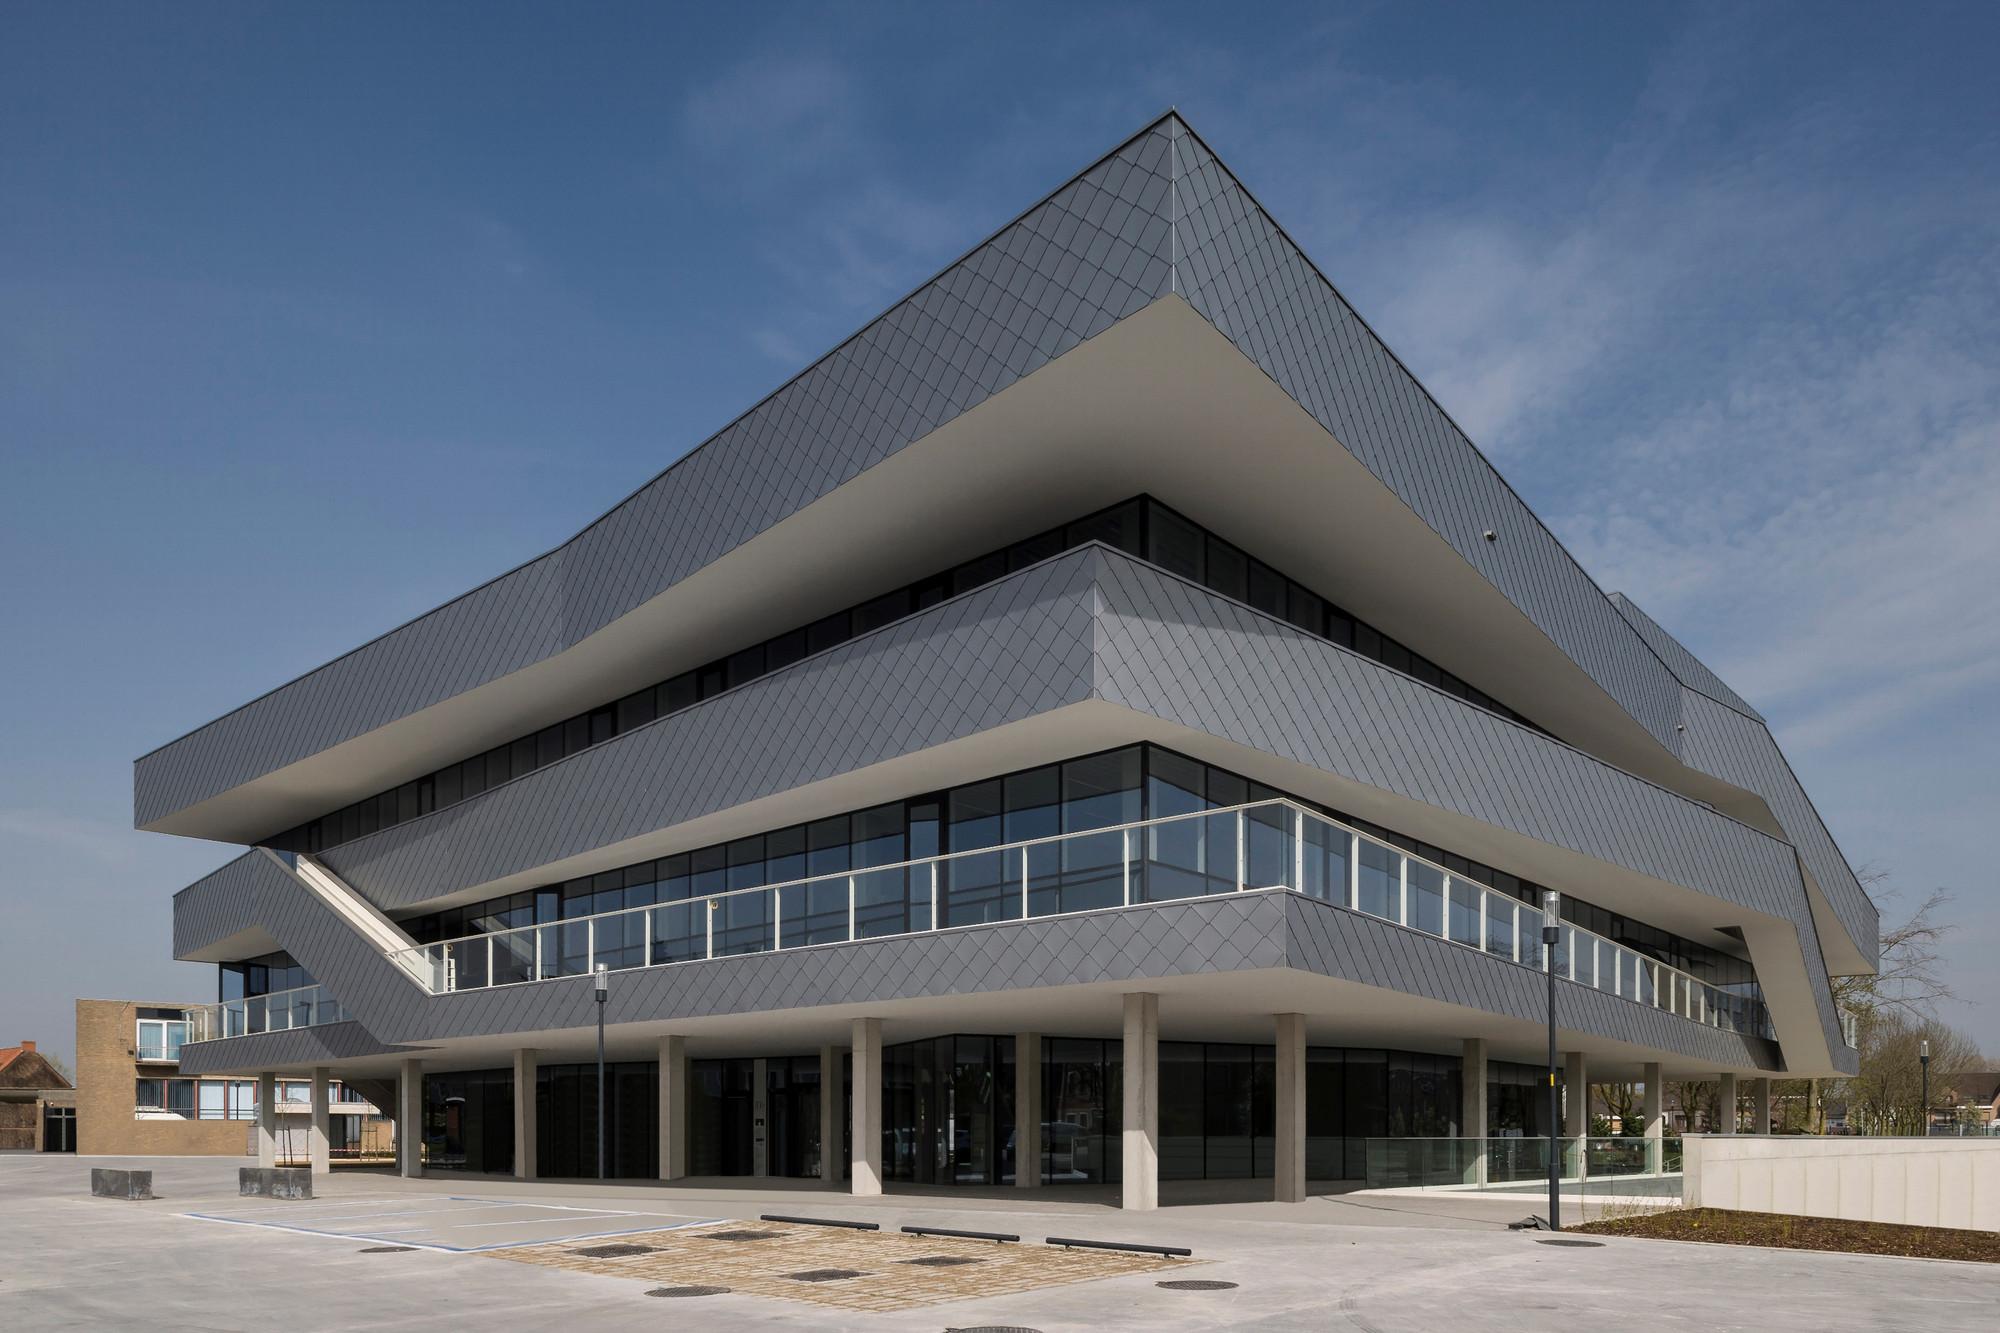 Stadskantoor Torhout / Gino Debruyne & Architecten, © Koen Van Damme